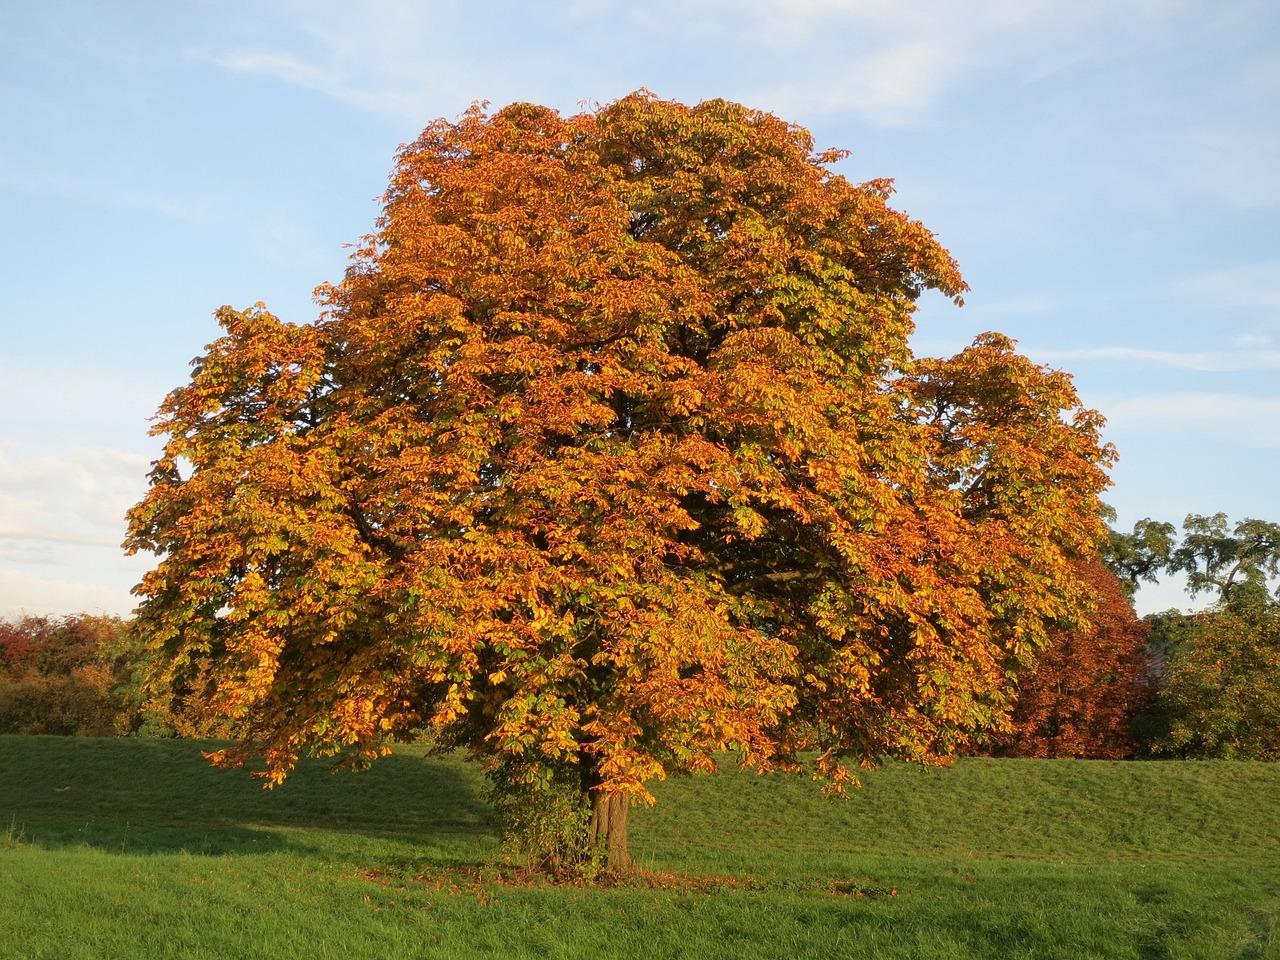 предложу вам каштановые деревья картинки воспитания присутствует